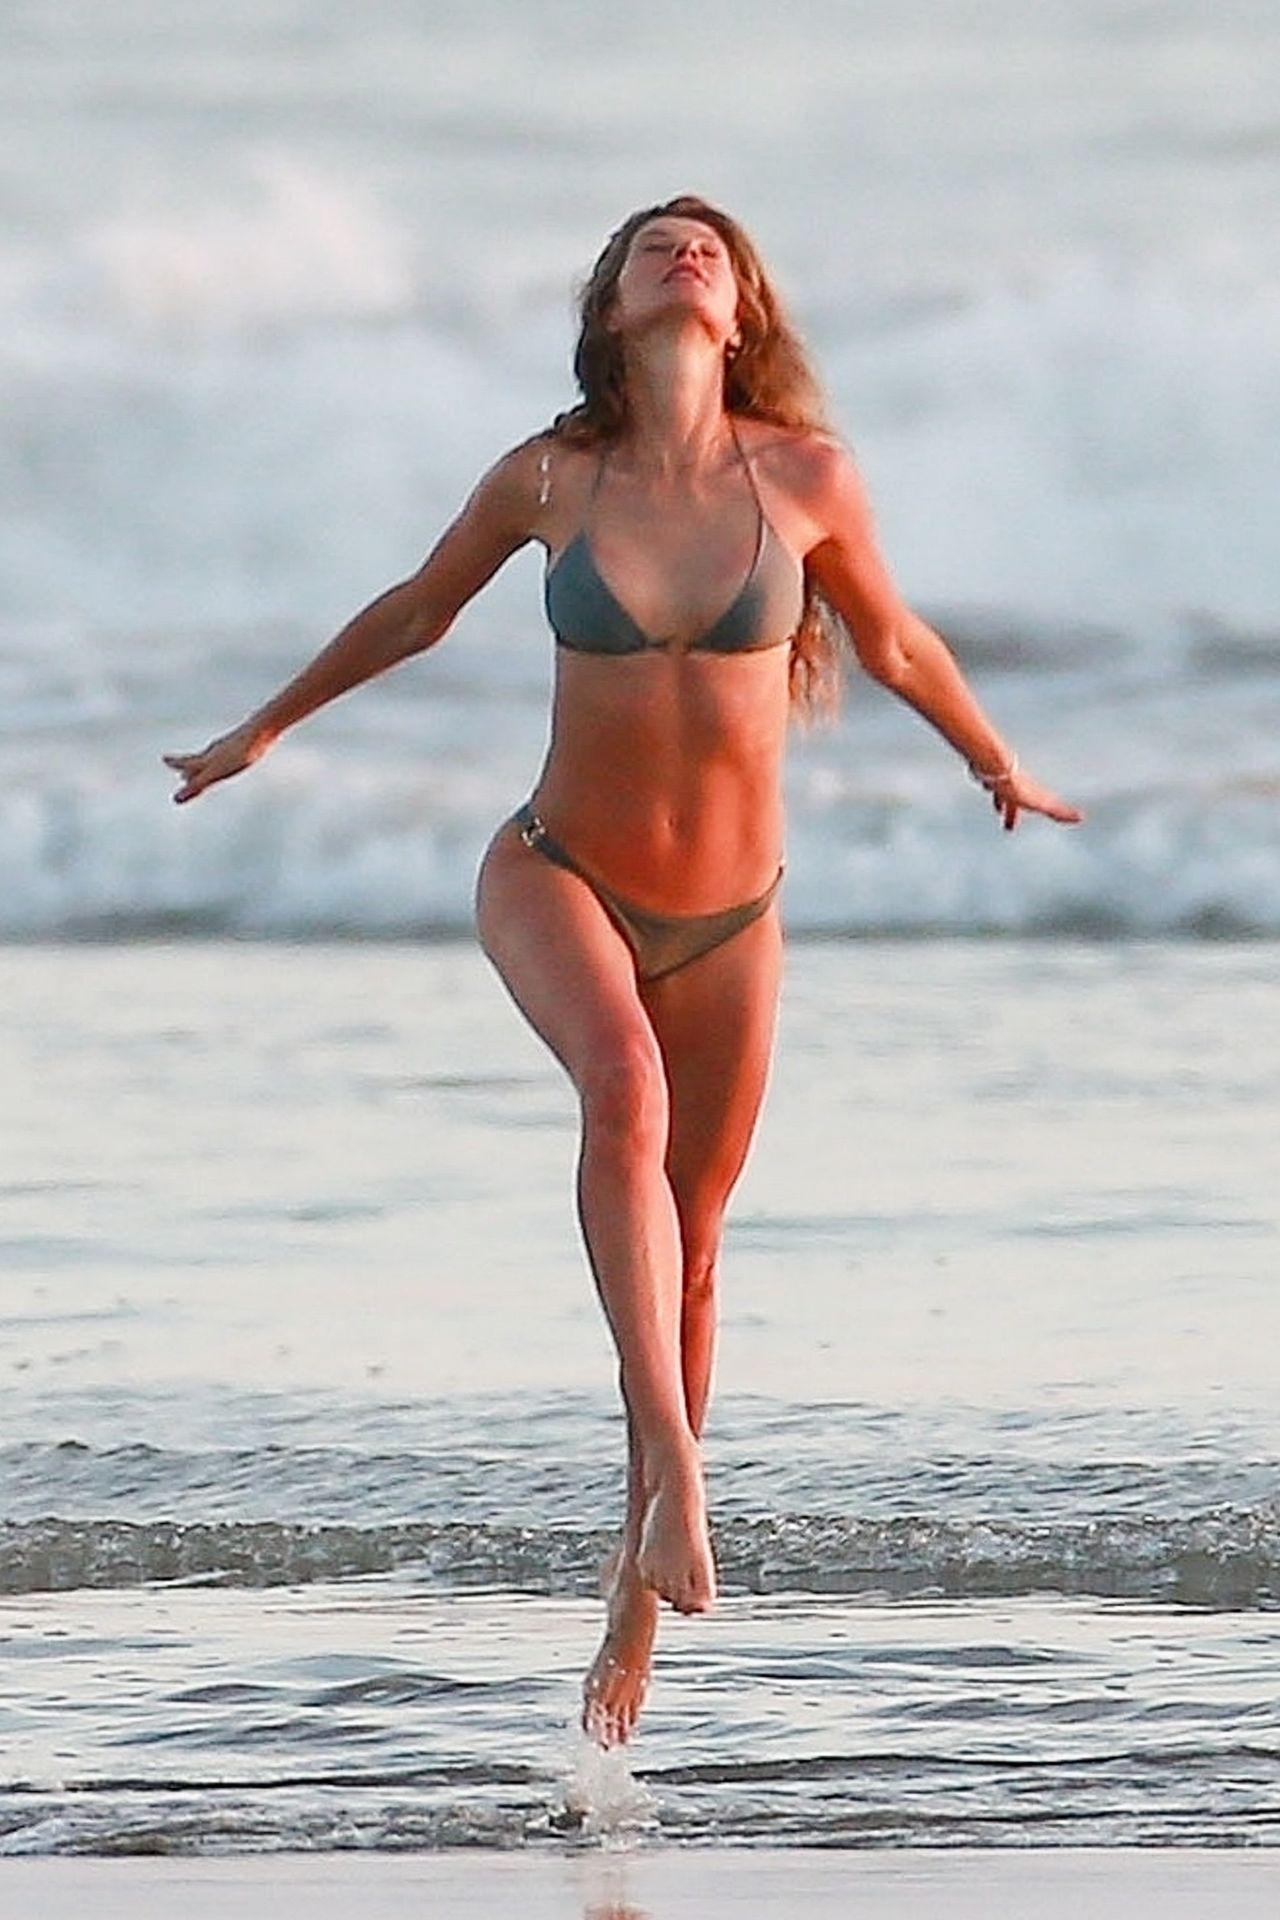 Gisele Bündchen Is Seen Enjoying The Warm Weather In Costa Rica 0015